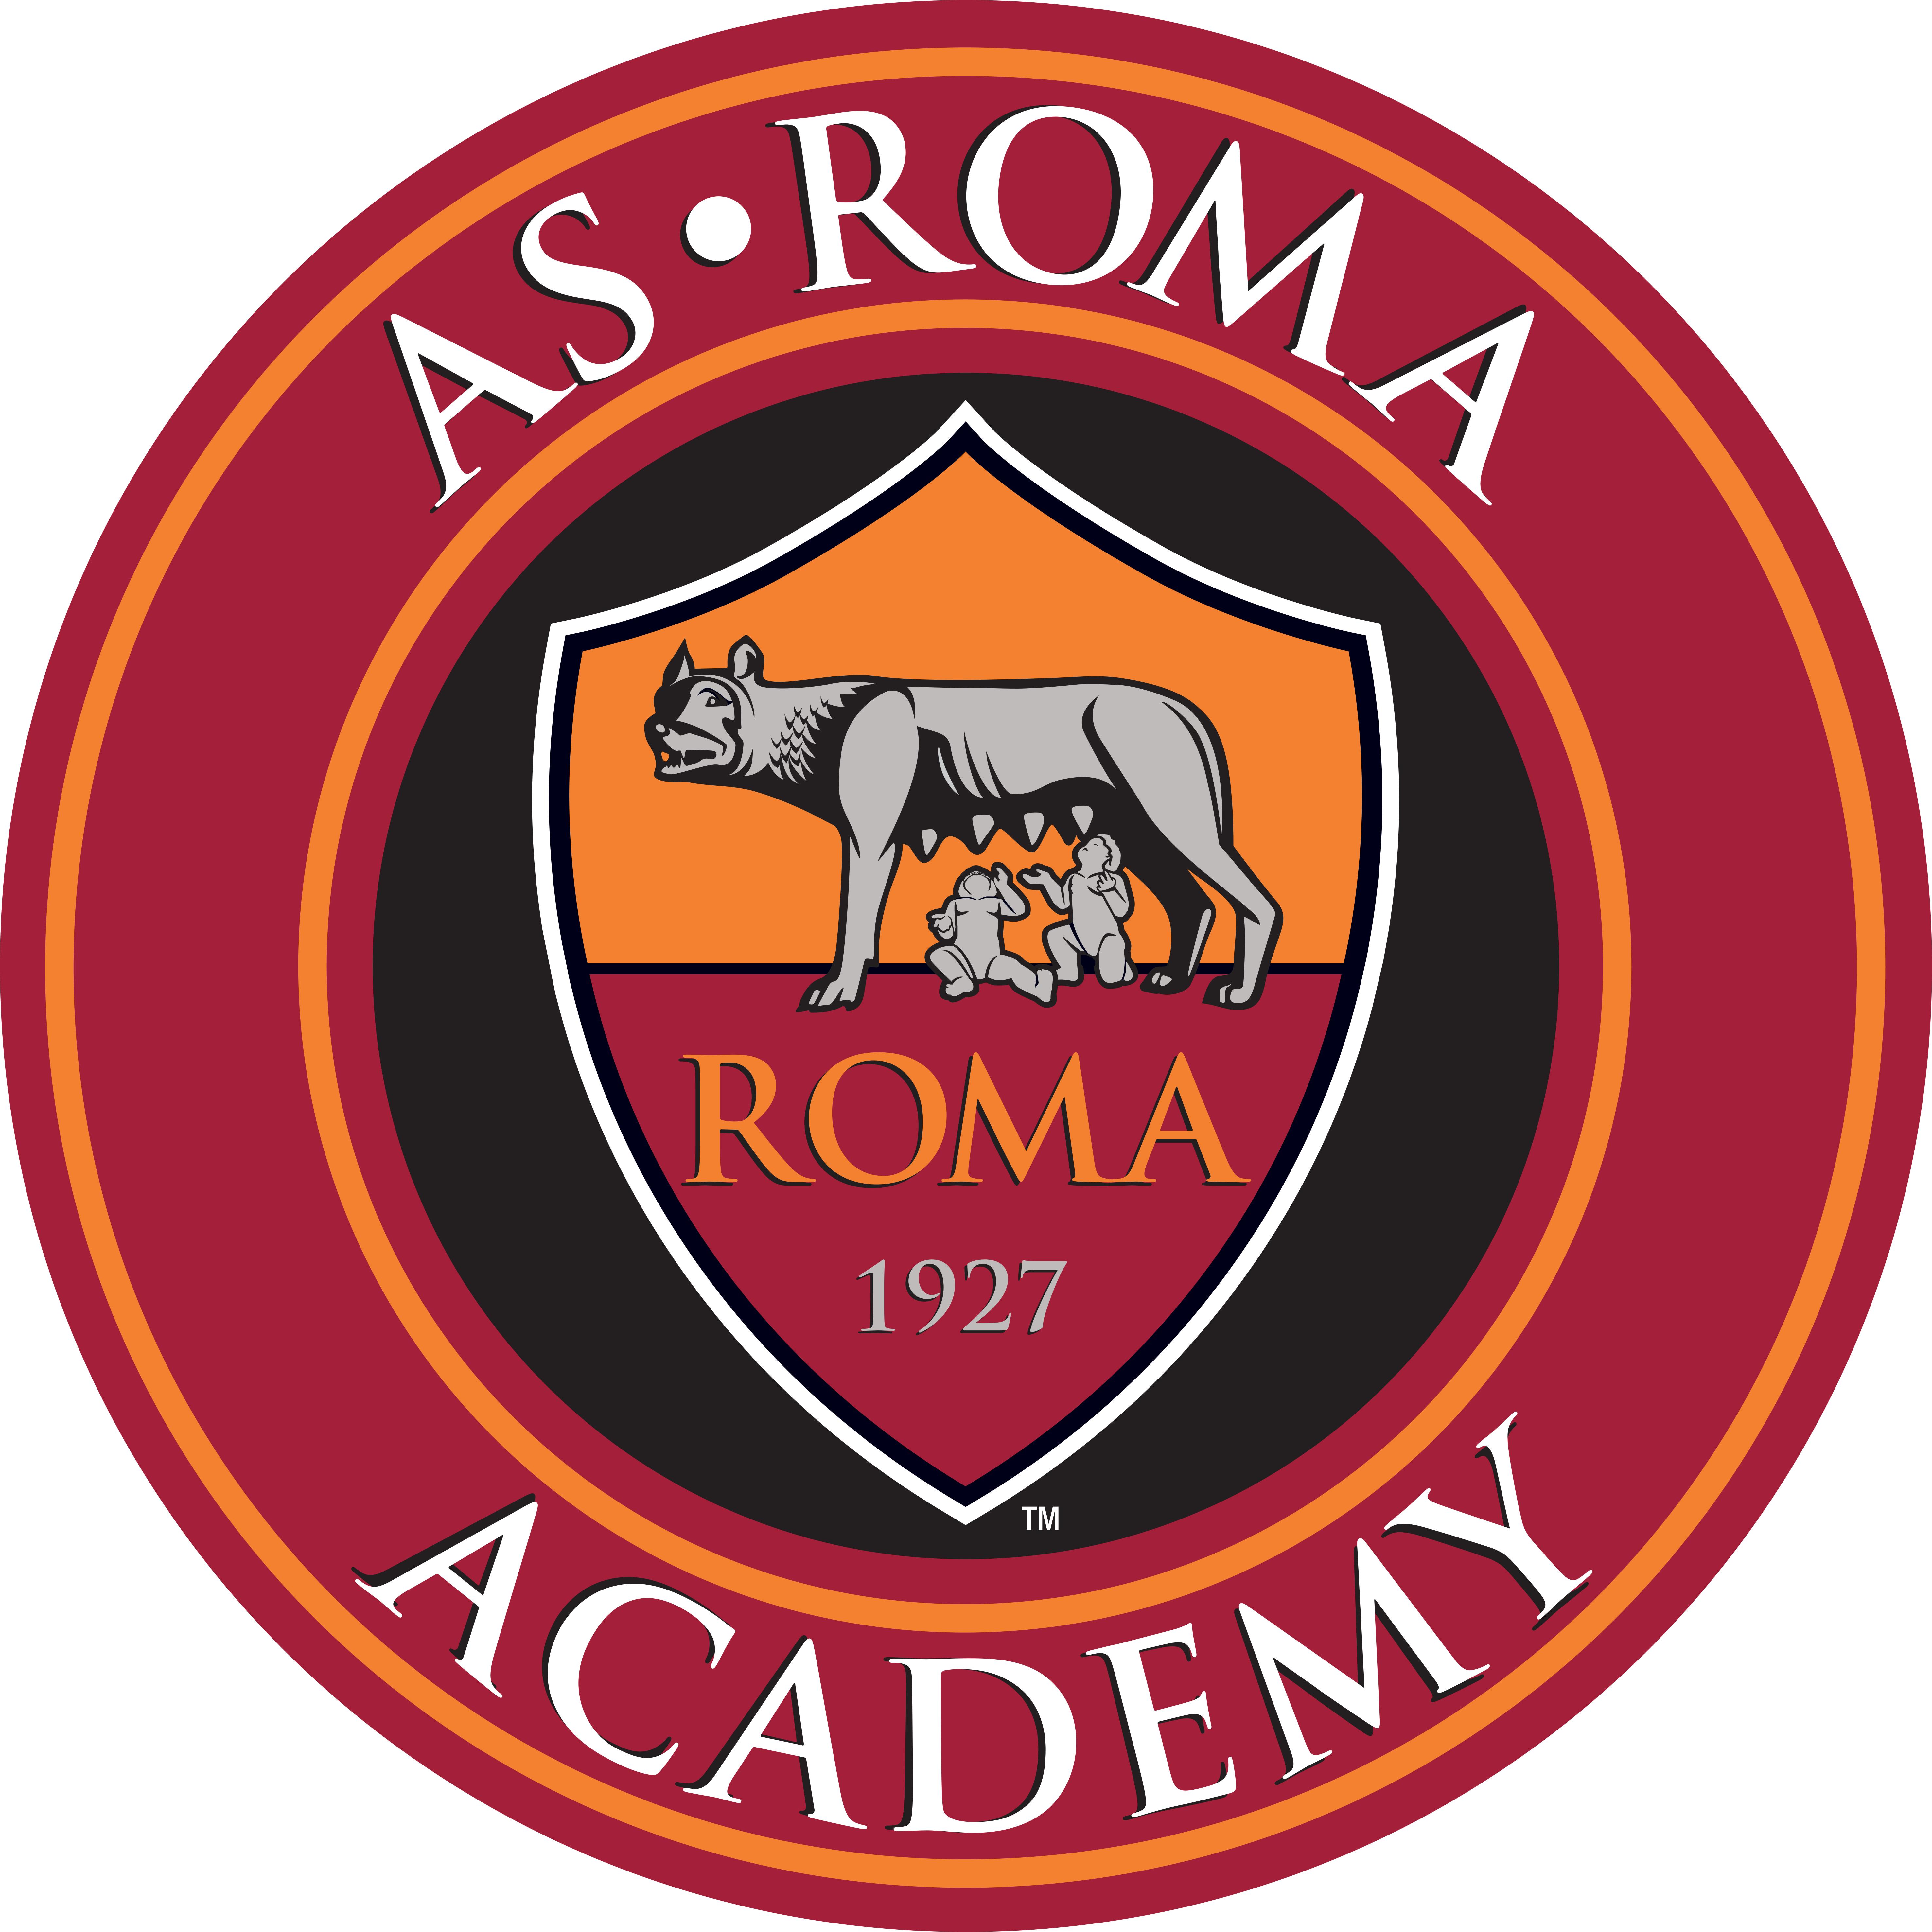 www.asroma.it